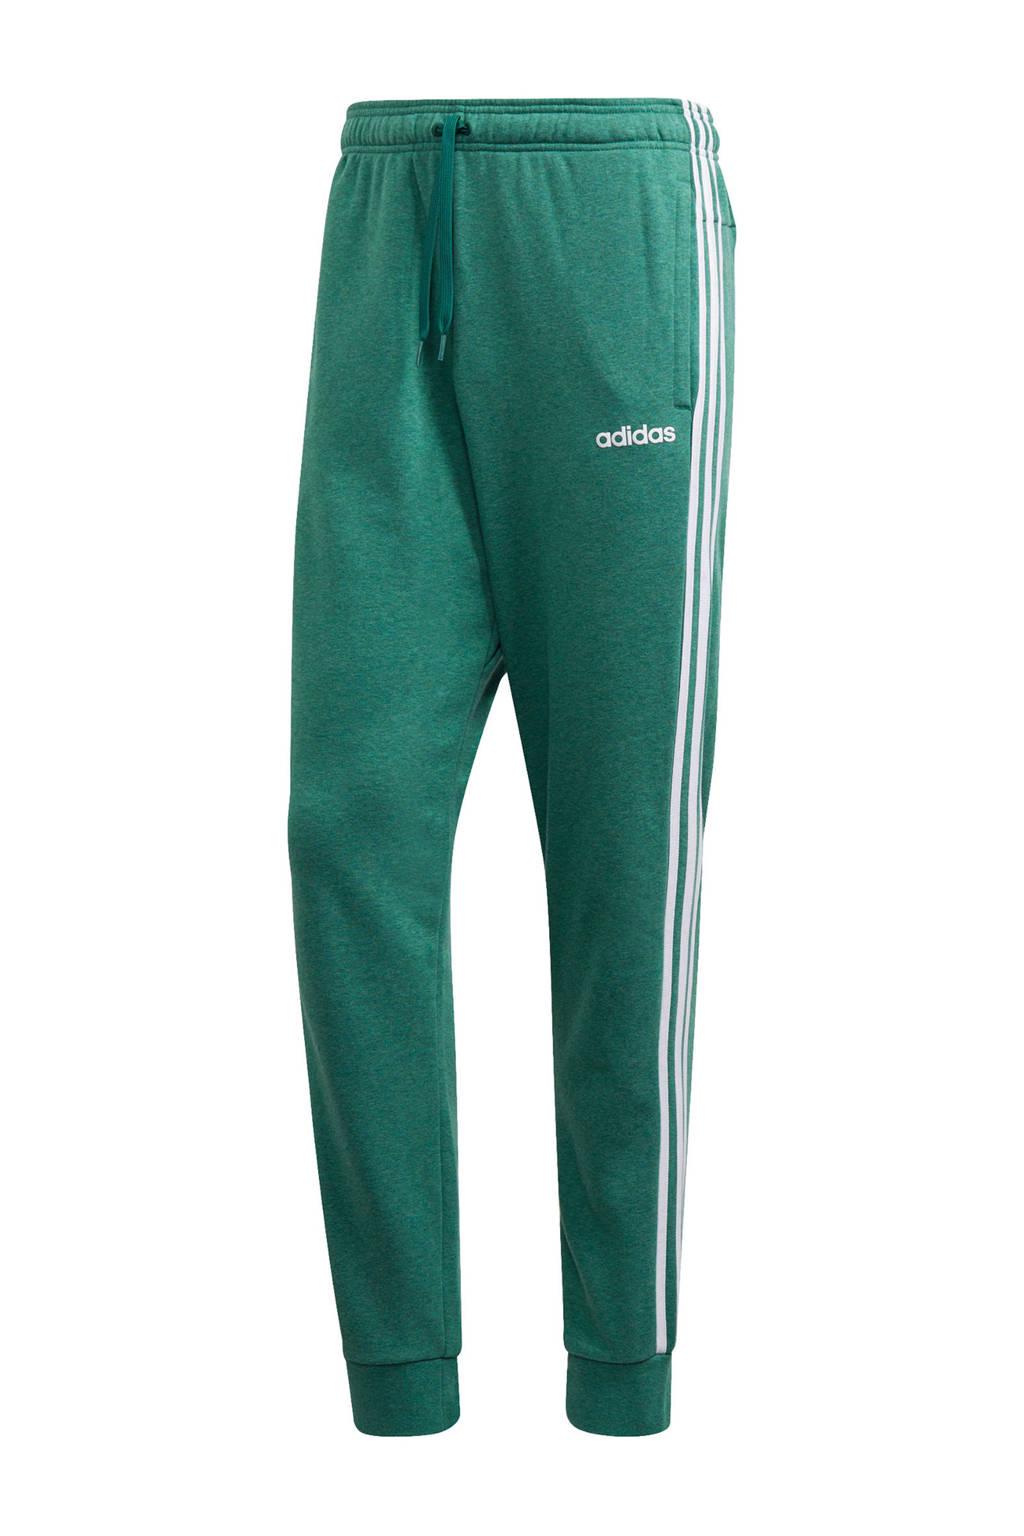 adidas Performance   joggingbroek groen, Groen/wit